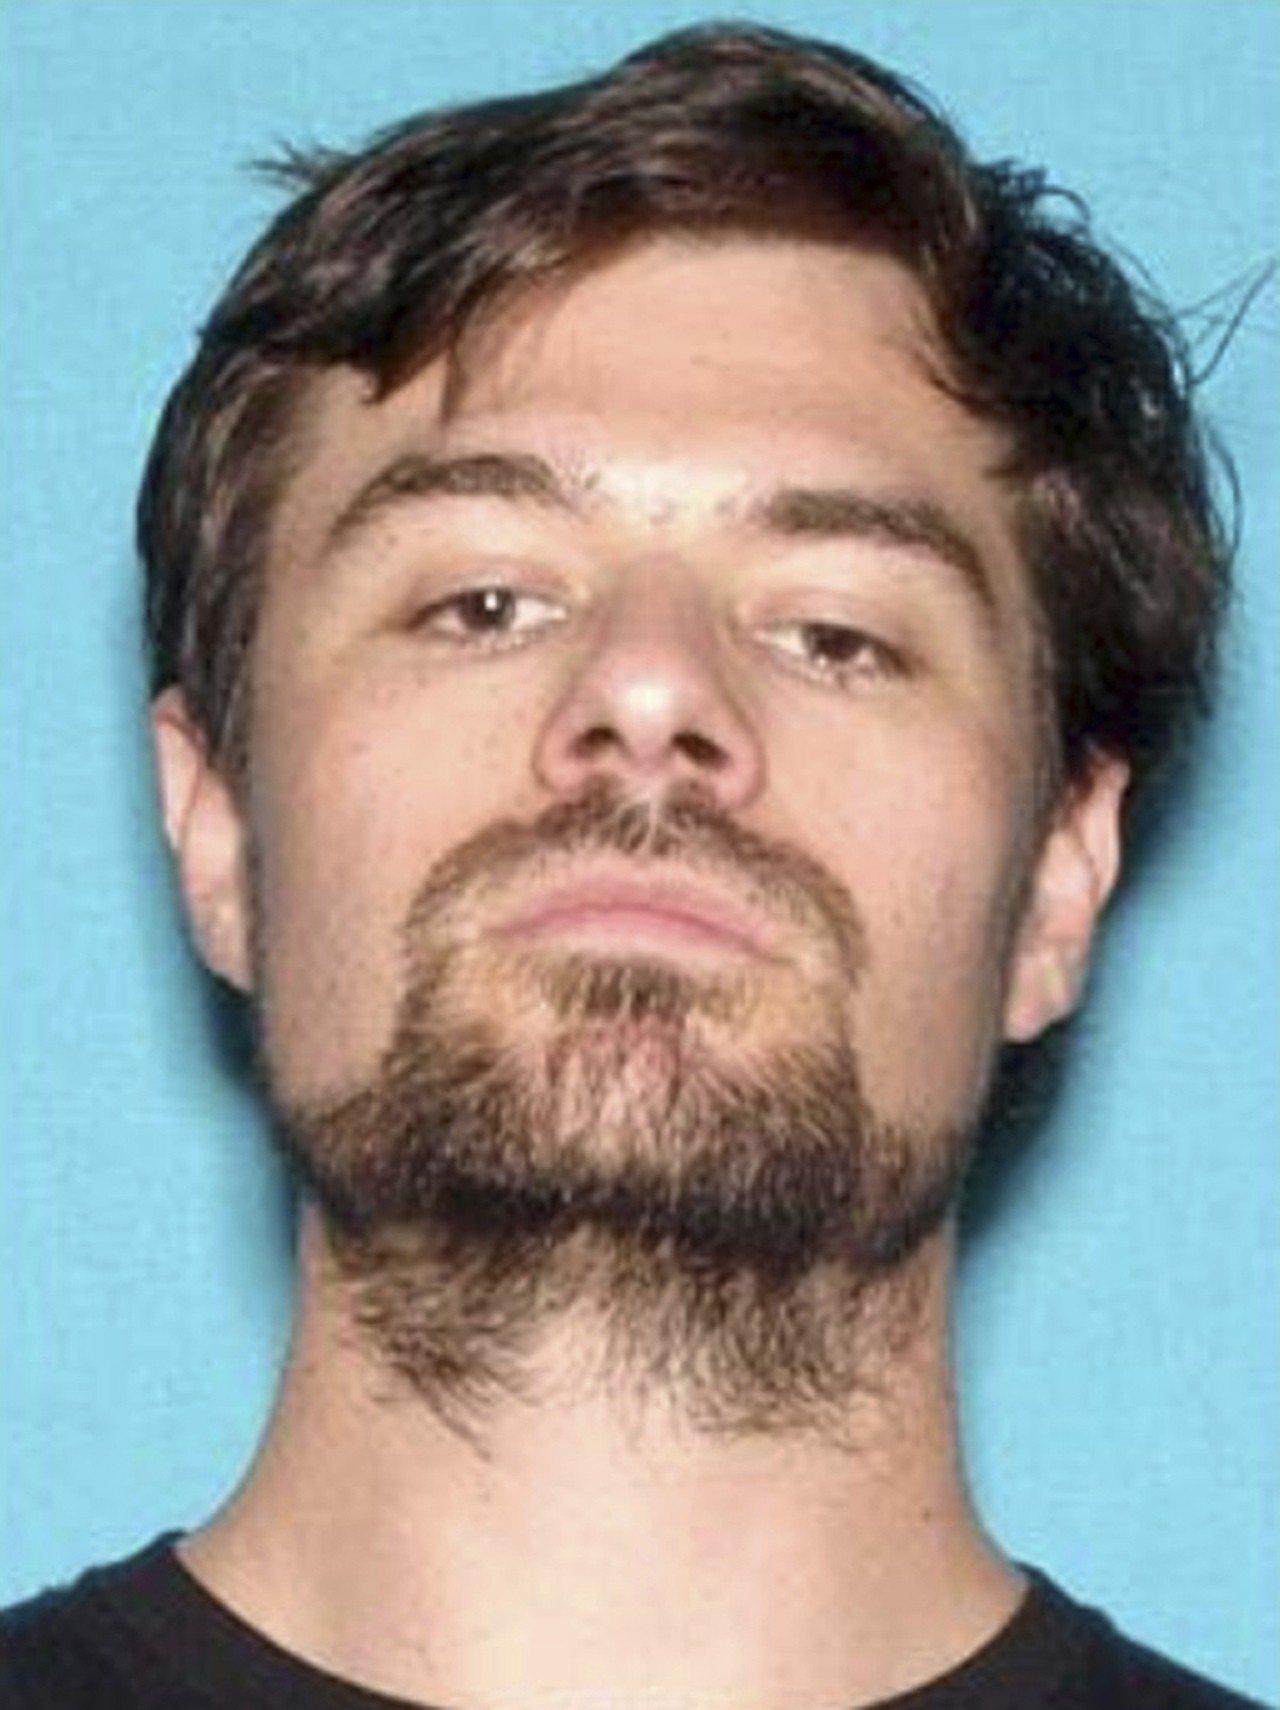 加州千橡酒吧血案的槍手隆恩。美聯社